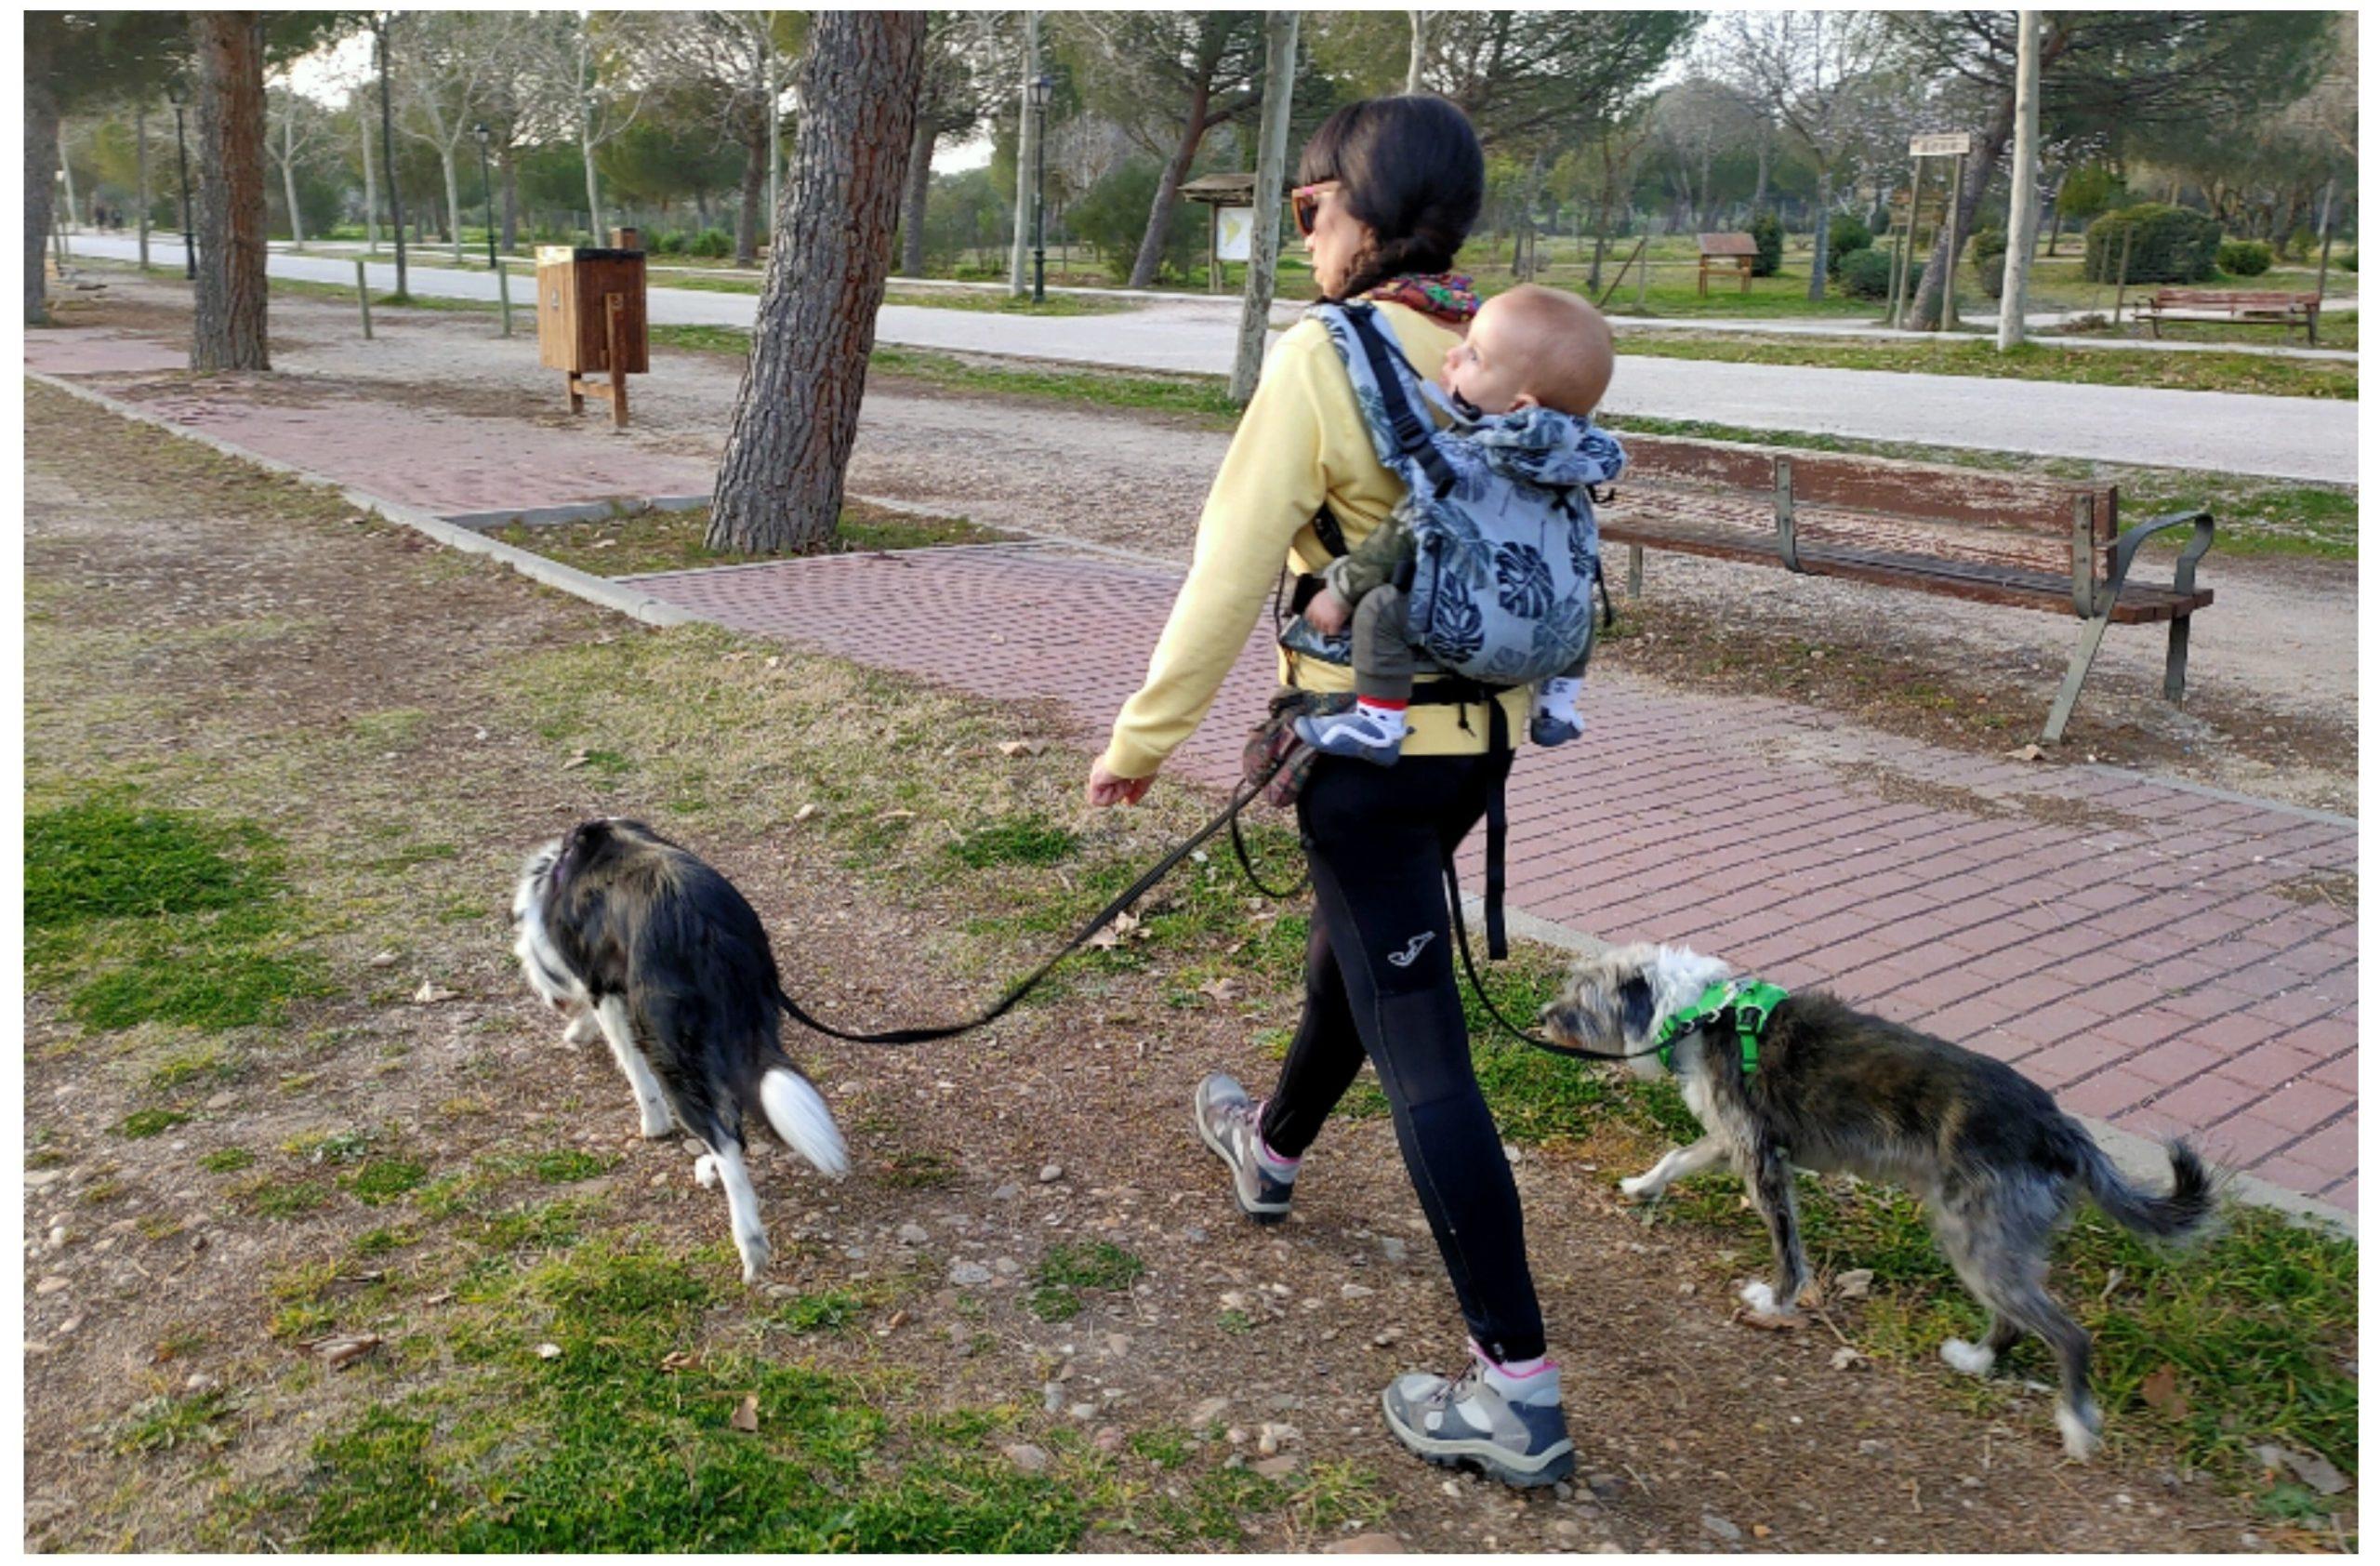 Mama multiespecie paseando con perros y bebé porteado